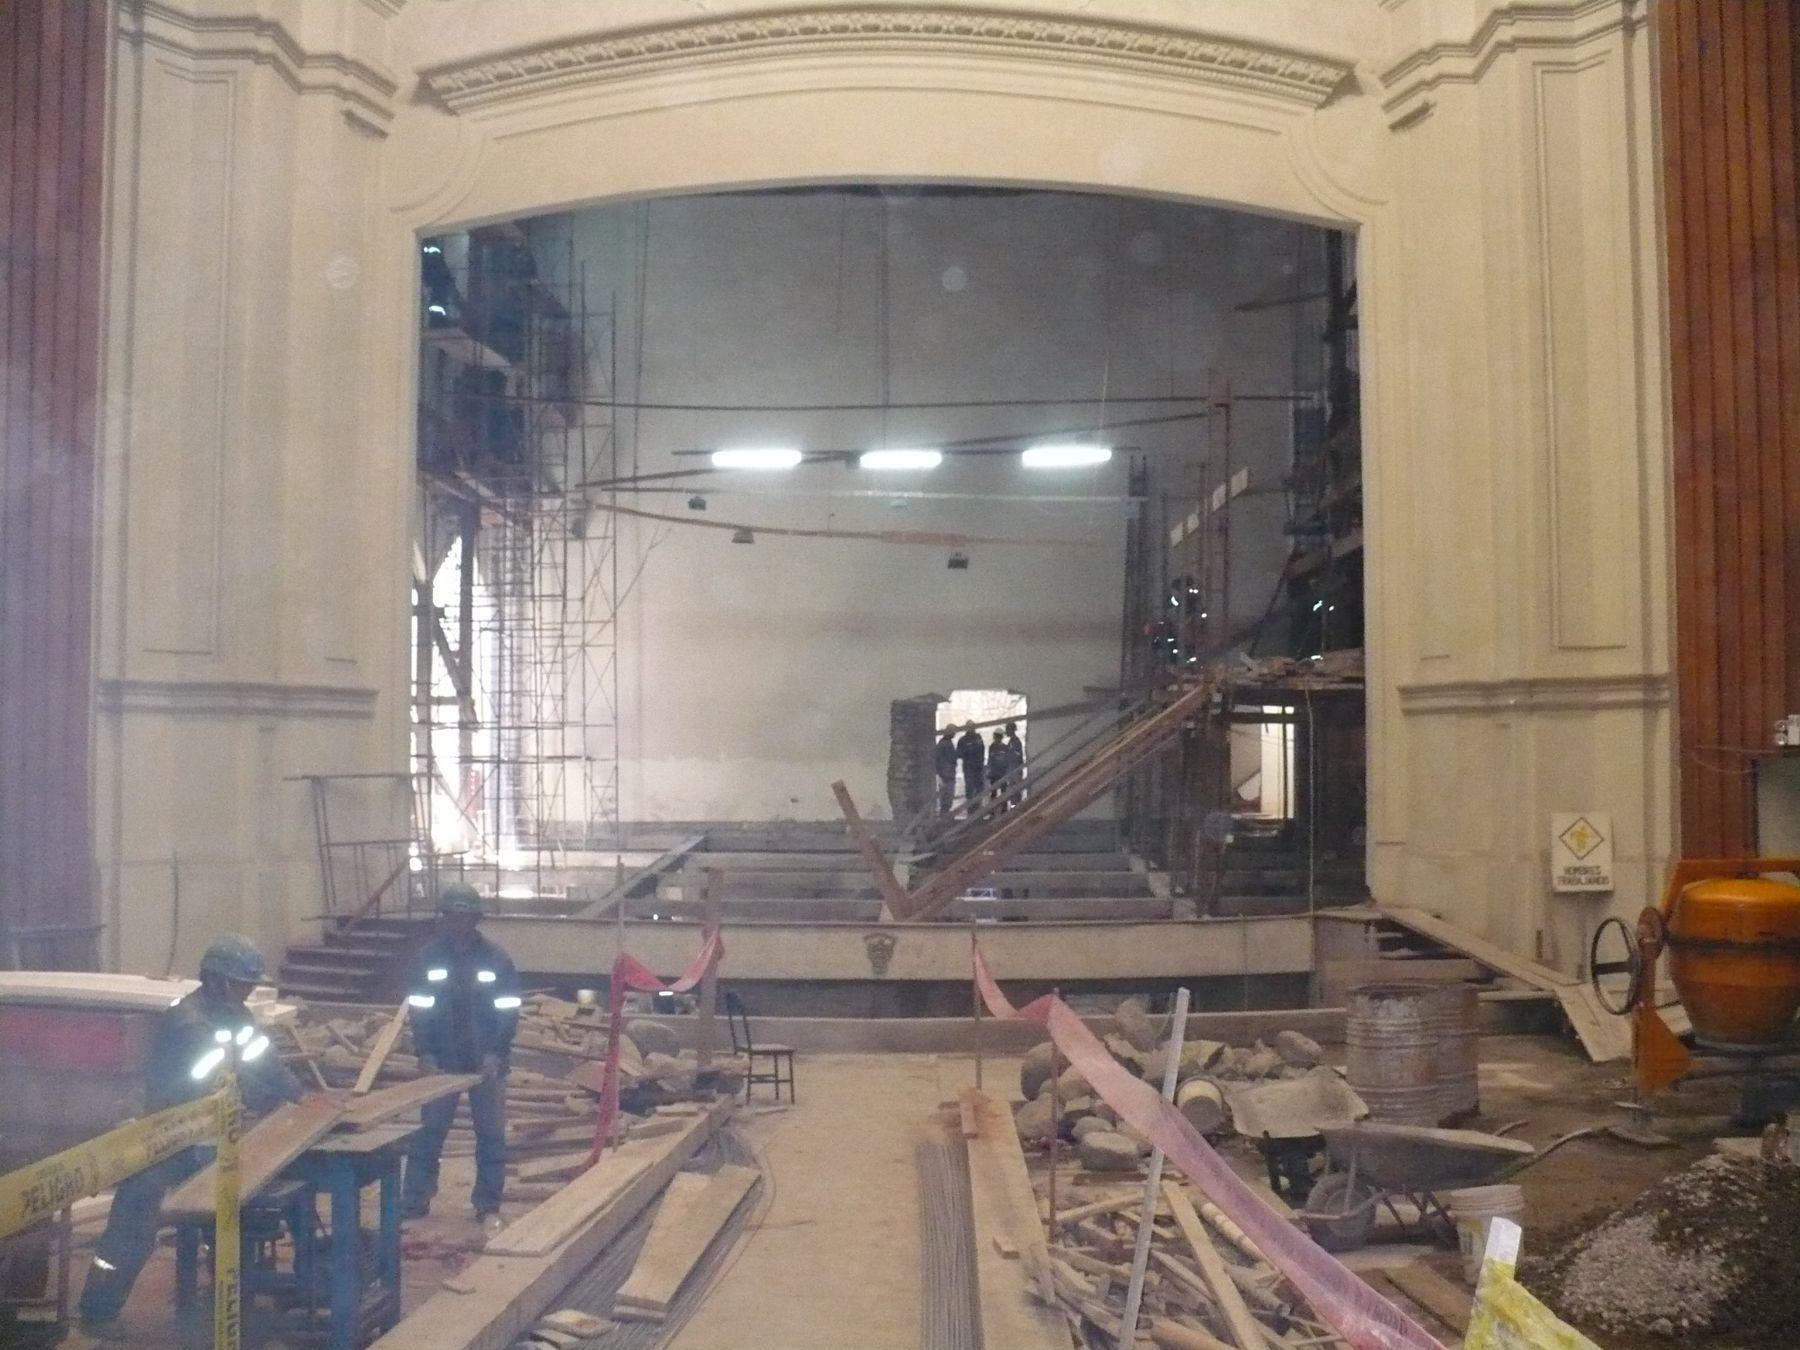 Trabajos de remodelación del Teatro Municipal de Arequipa. Foto: Andina/Rocío Méndez.